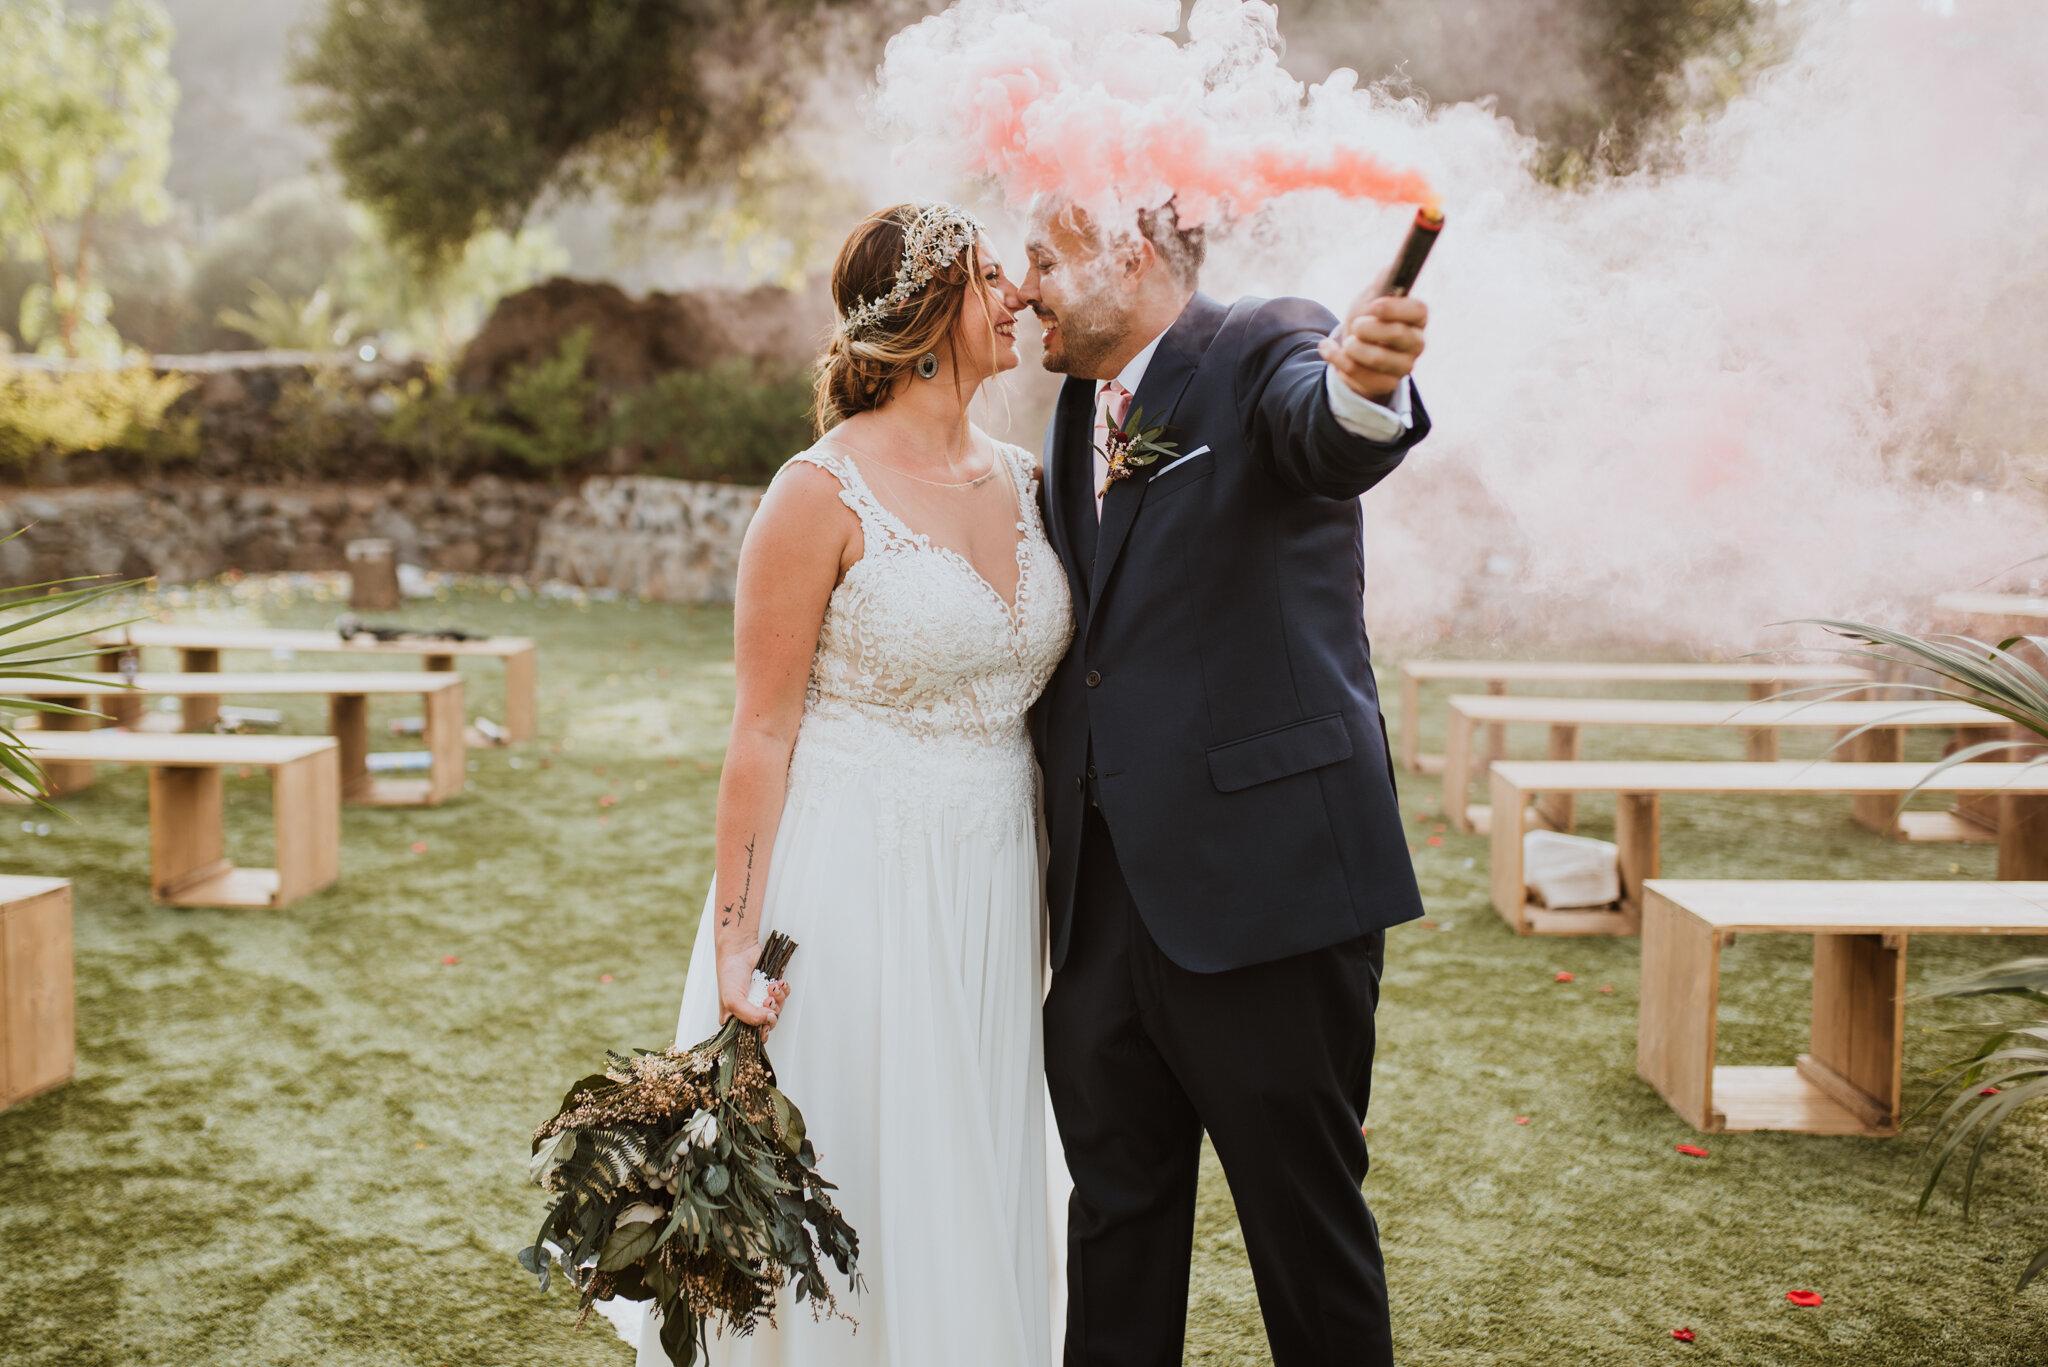 fotografo de bodas las palmas_-101.jpg